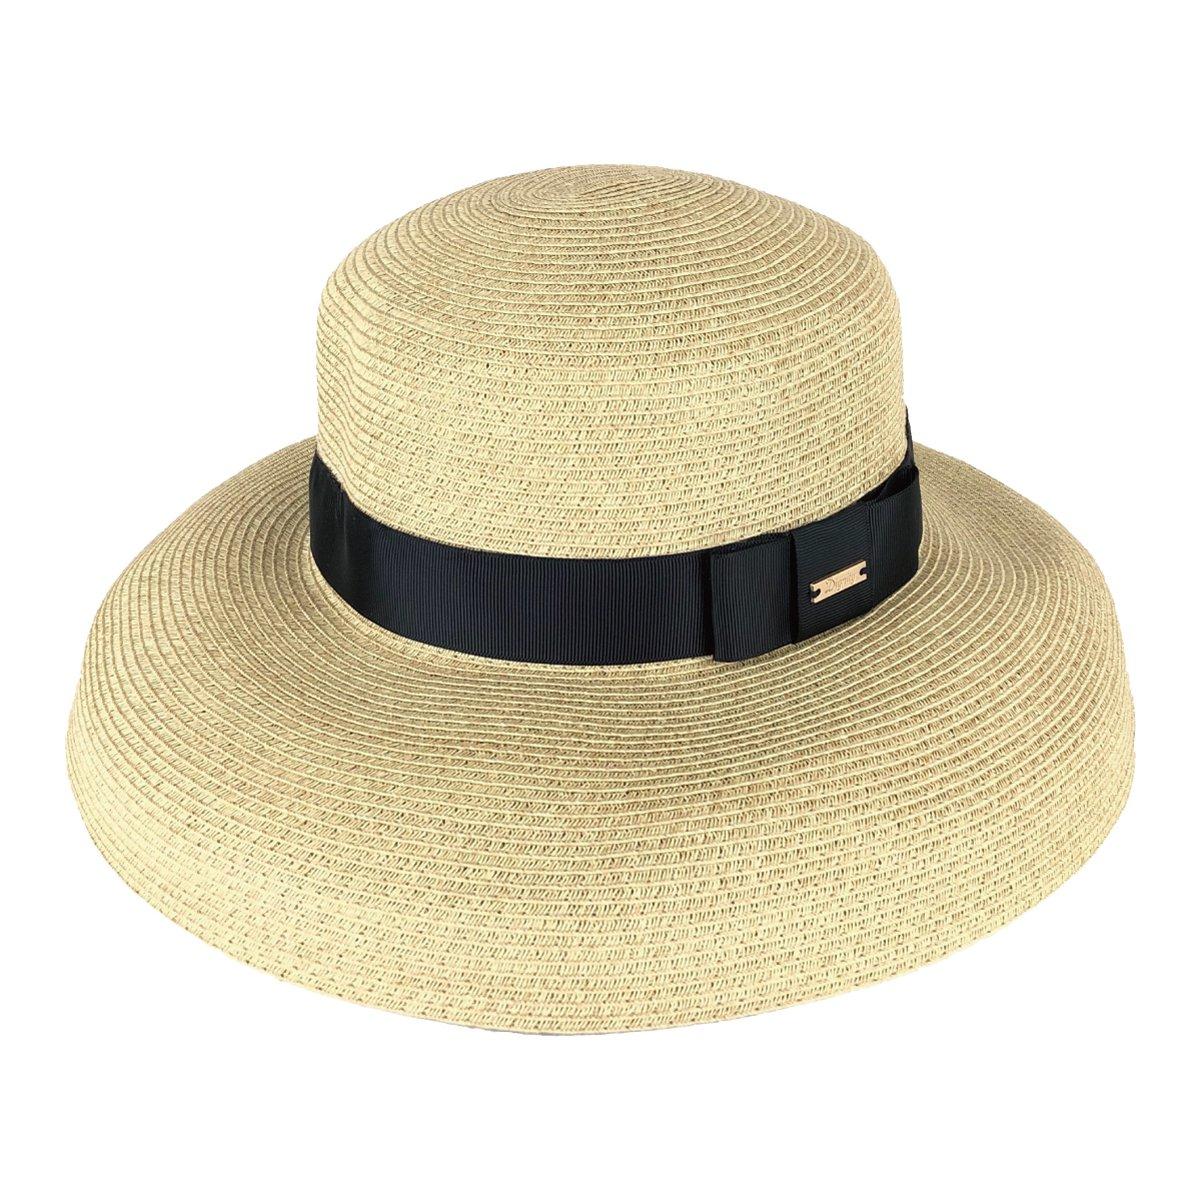 Graceful Casablanca Hat 詳細画像2